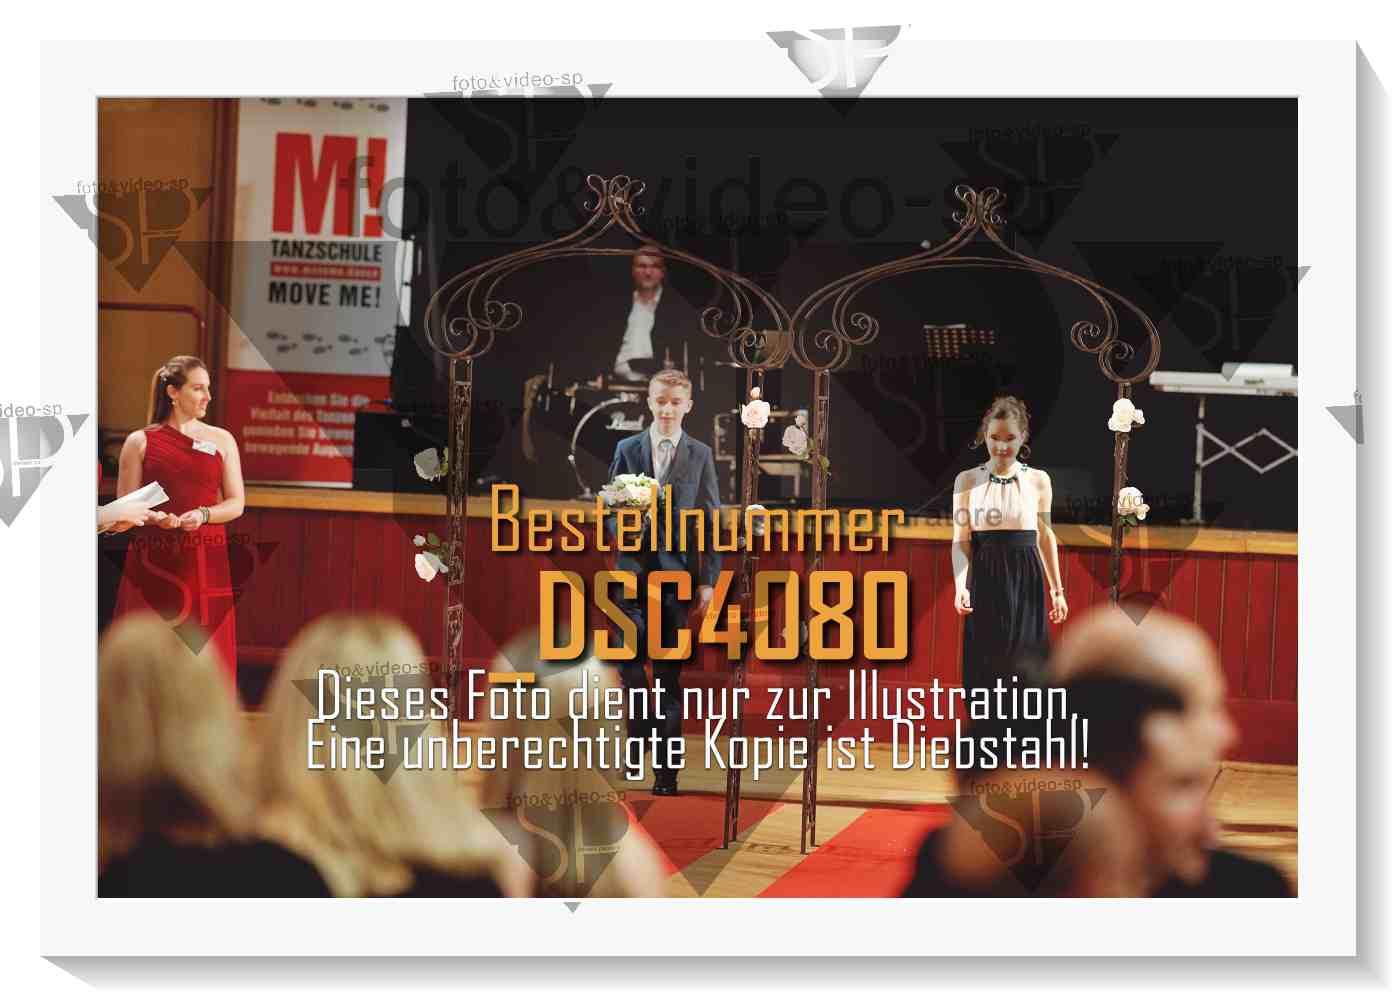 DSC4080